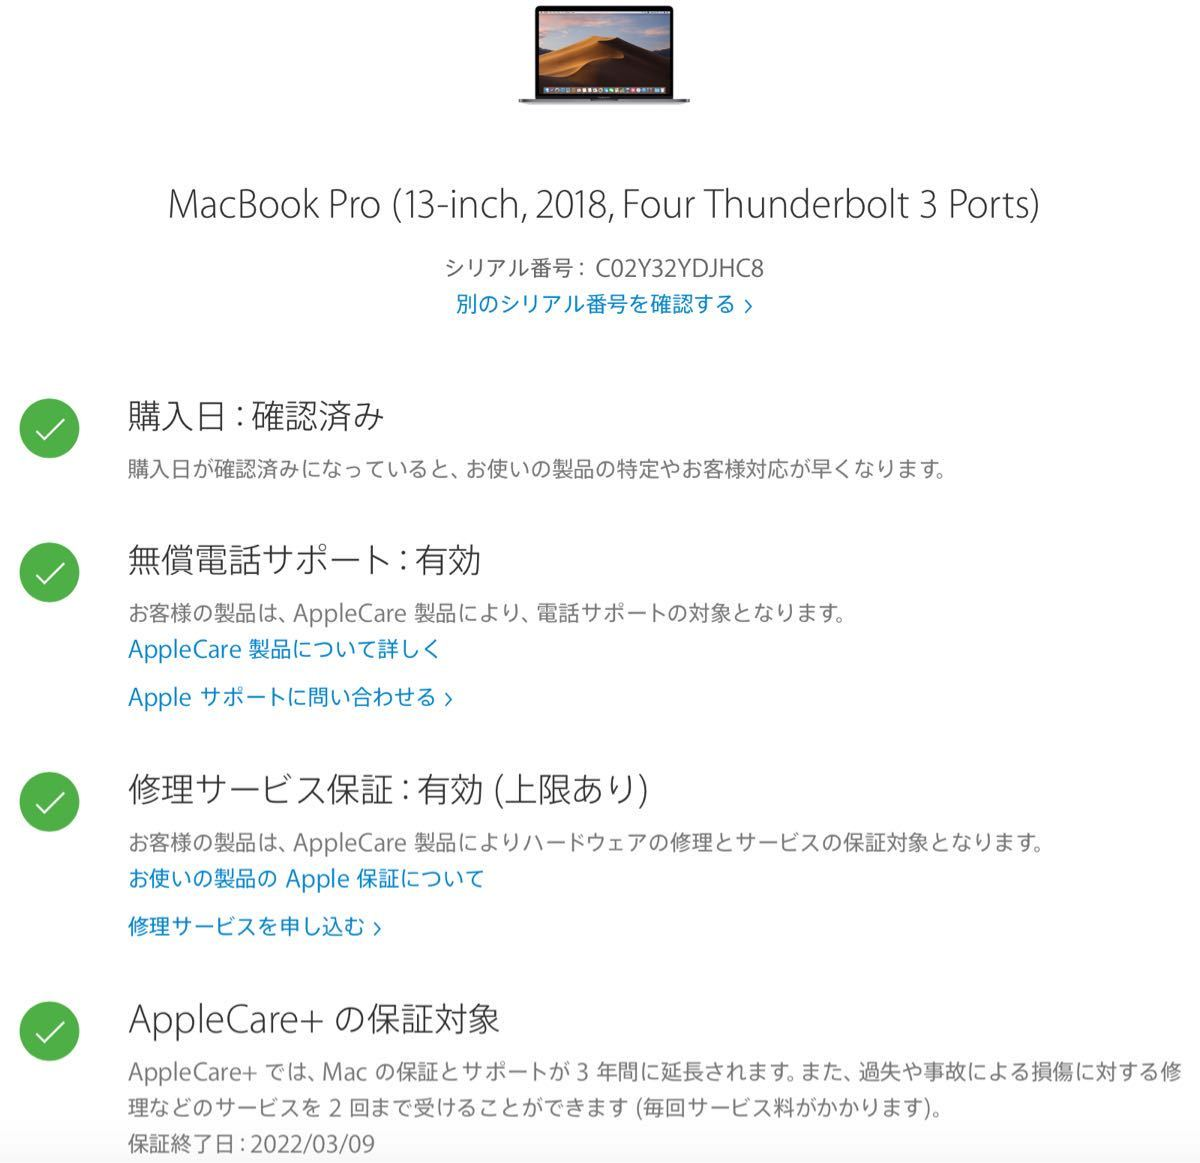 【美品】Macbook pro 2018 13インチ TouchBar搭載モデル AppleCare残2年以上 i5/256GB/8GB【送料無料】レザーケース付き_画像8